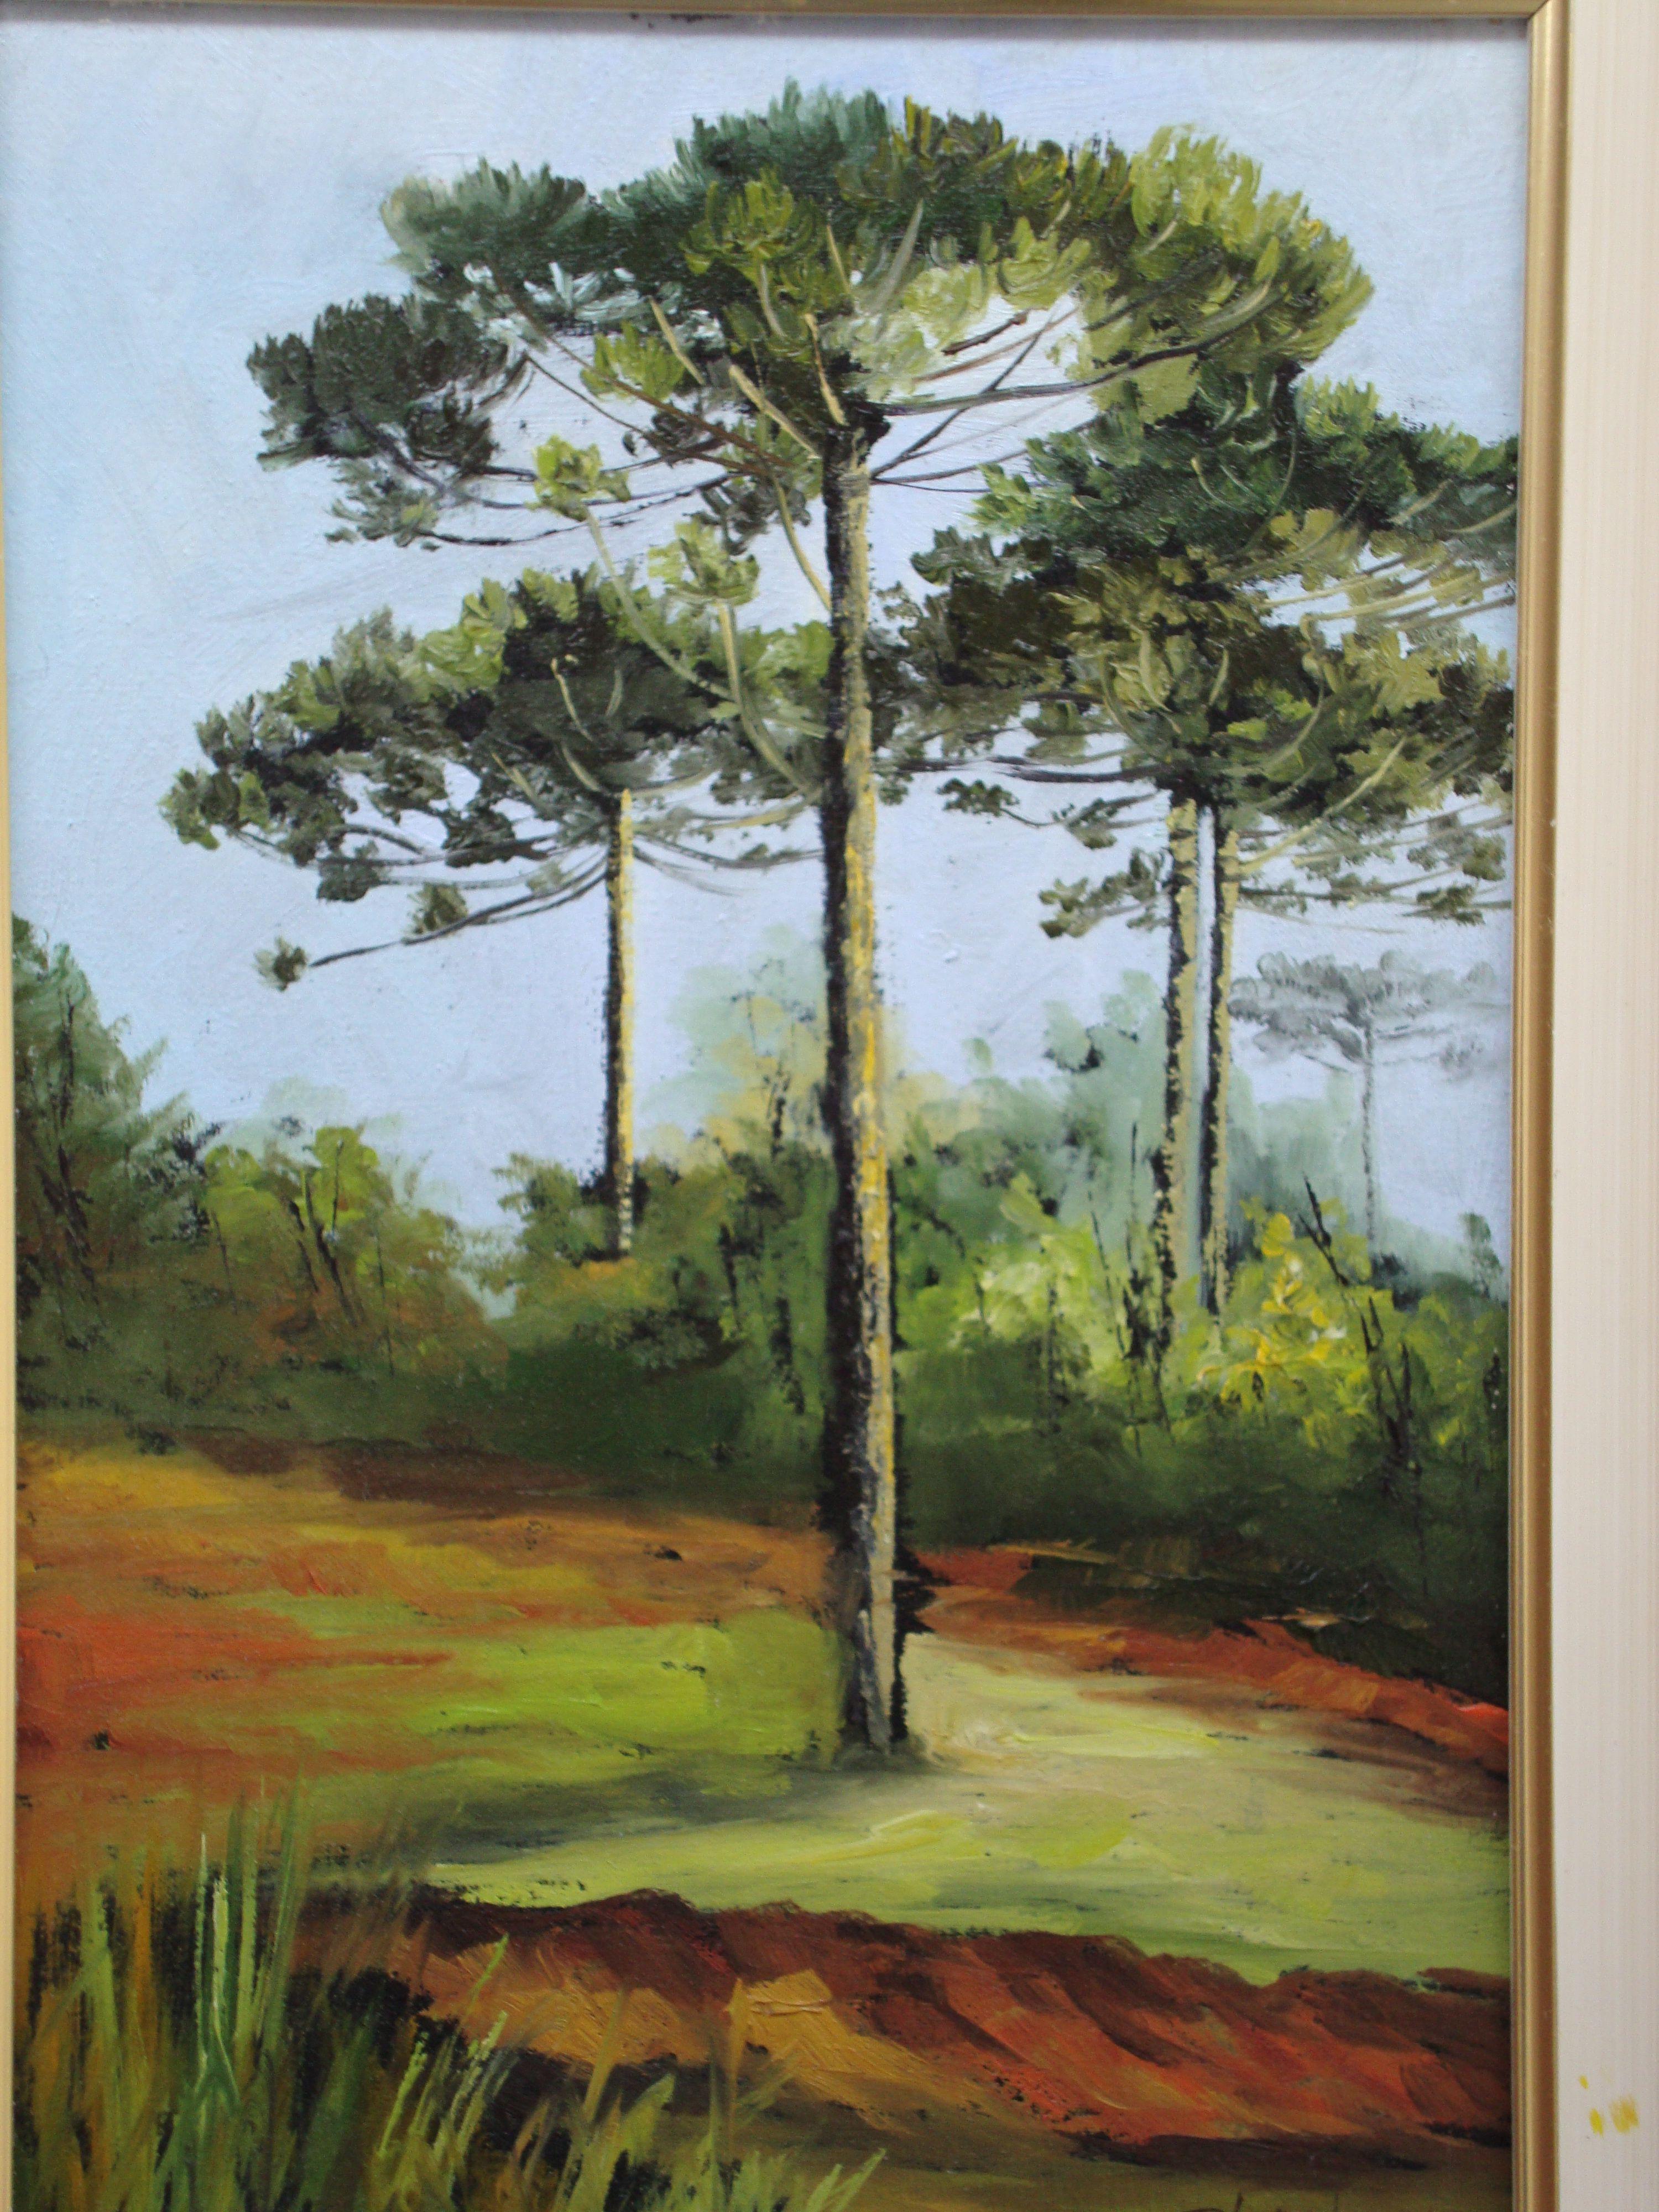 Pinheiros Imagens Fantasticas Pinturas Paisagens Pintura Em